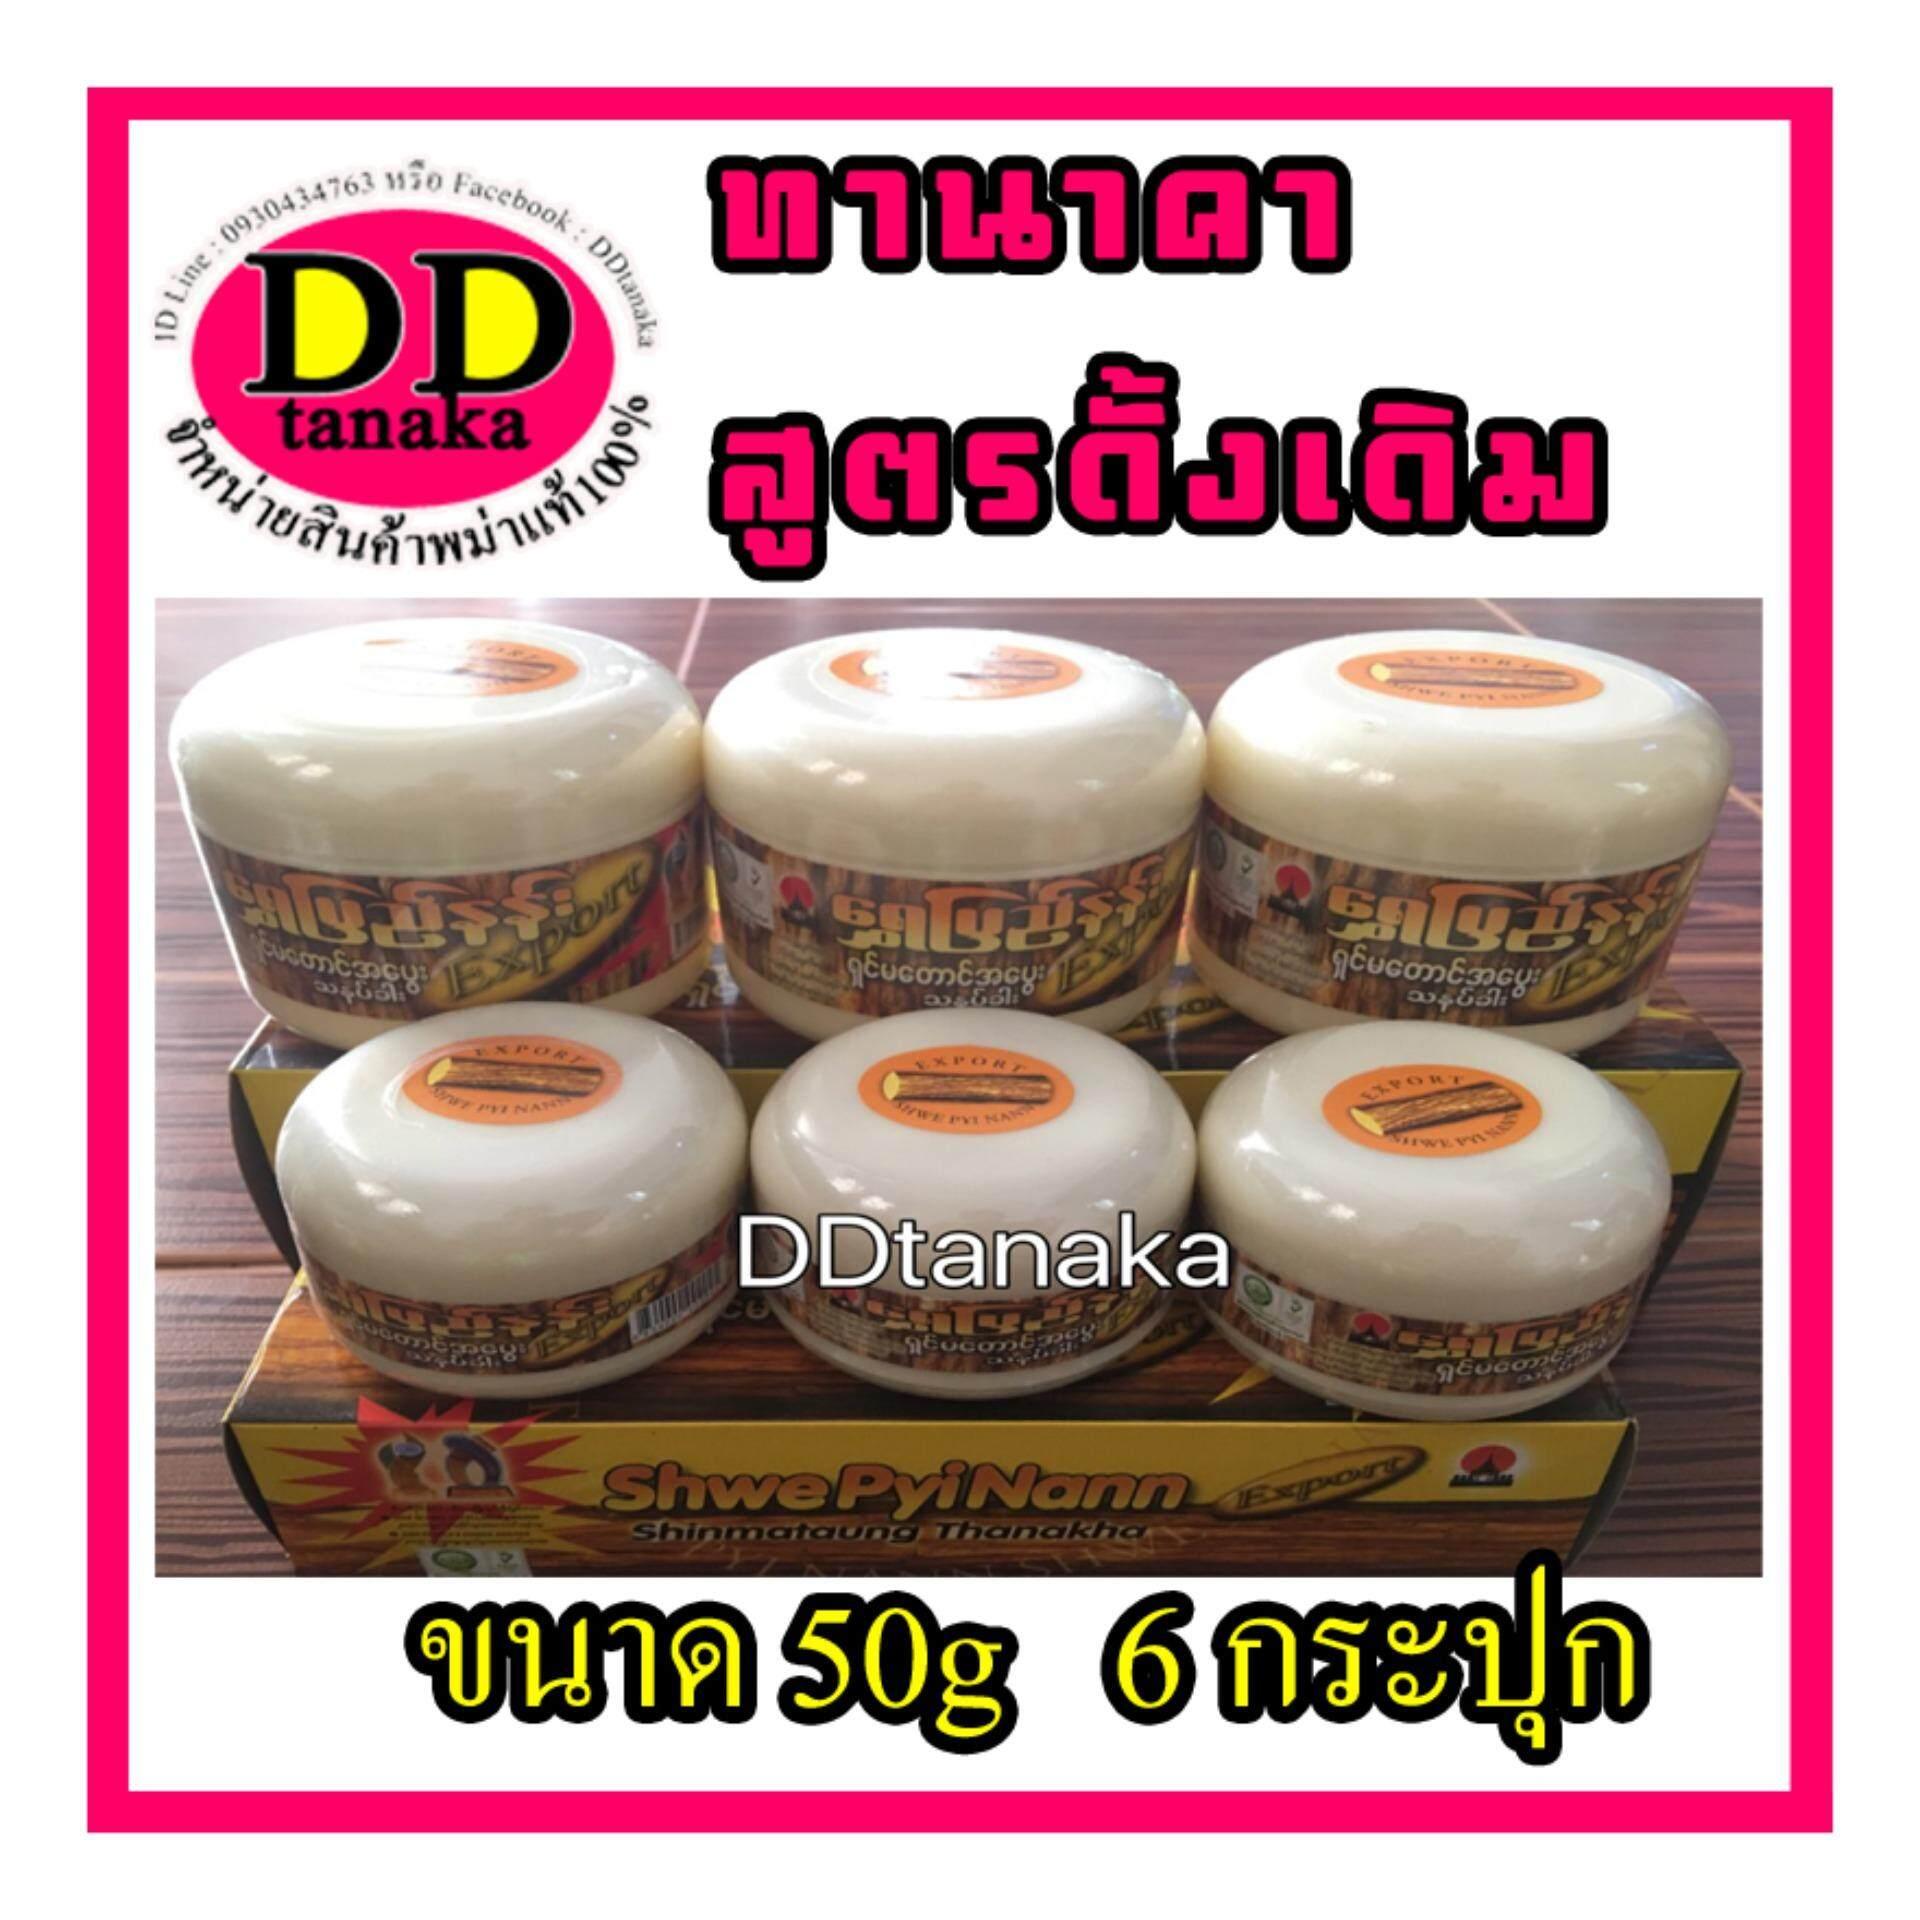 แป้งพอกทานาคาสูตรดั้งเดิม(6กระปุก)ขนาด 50g(Shwe pyi nann)